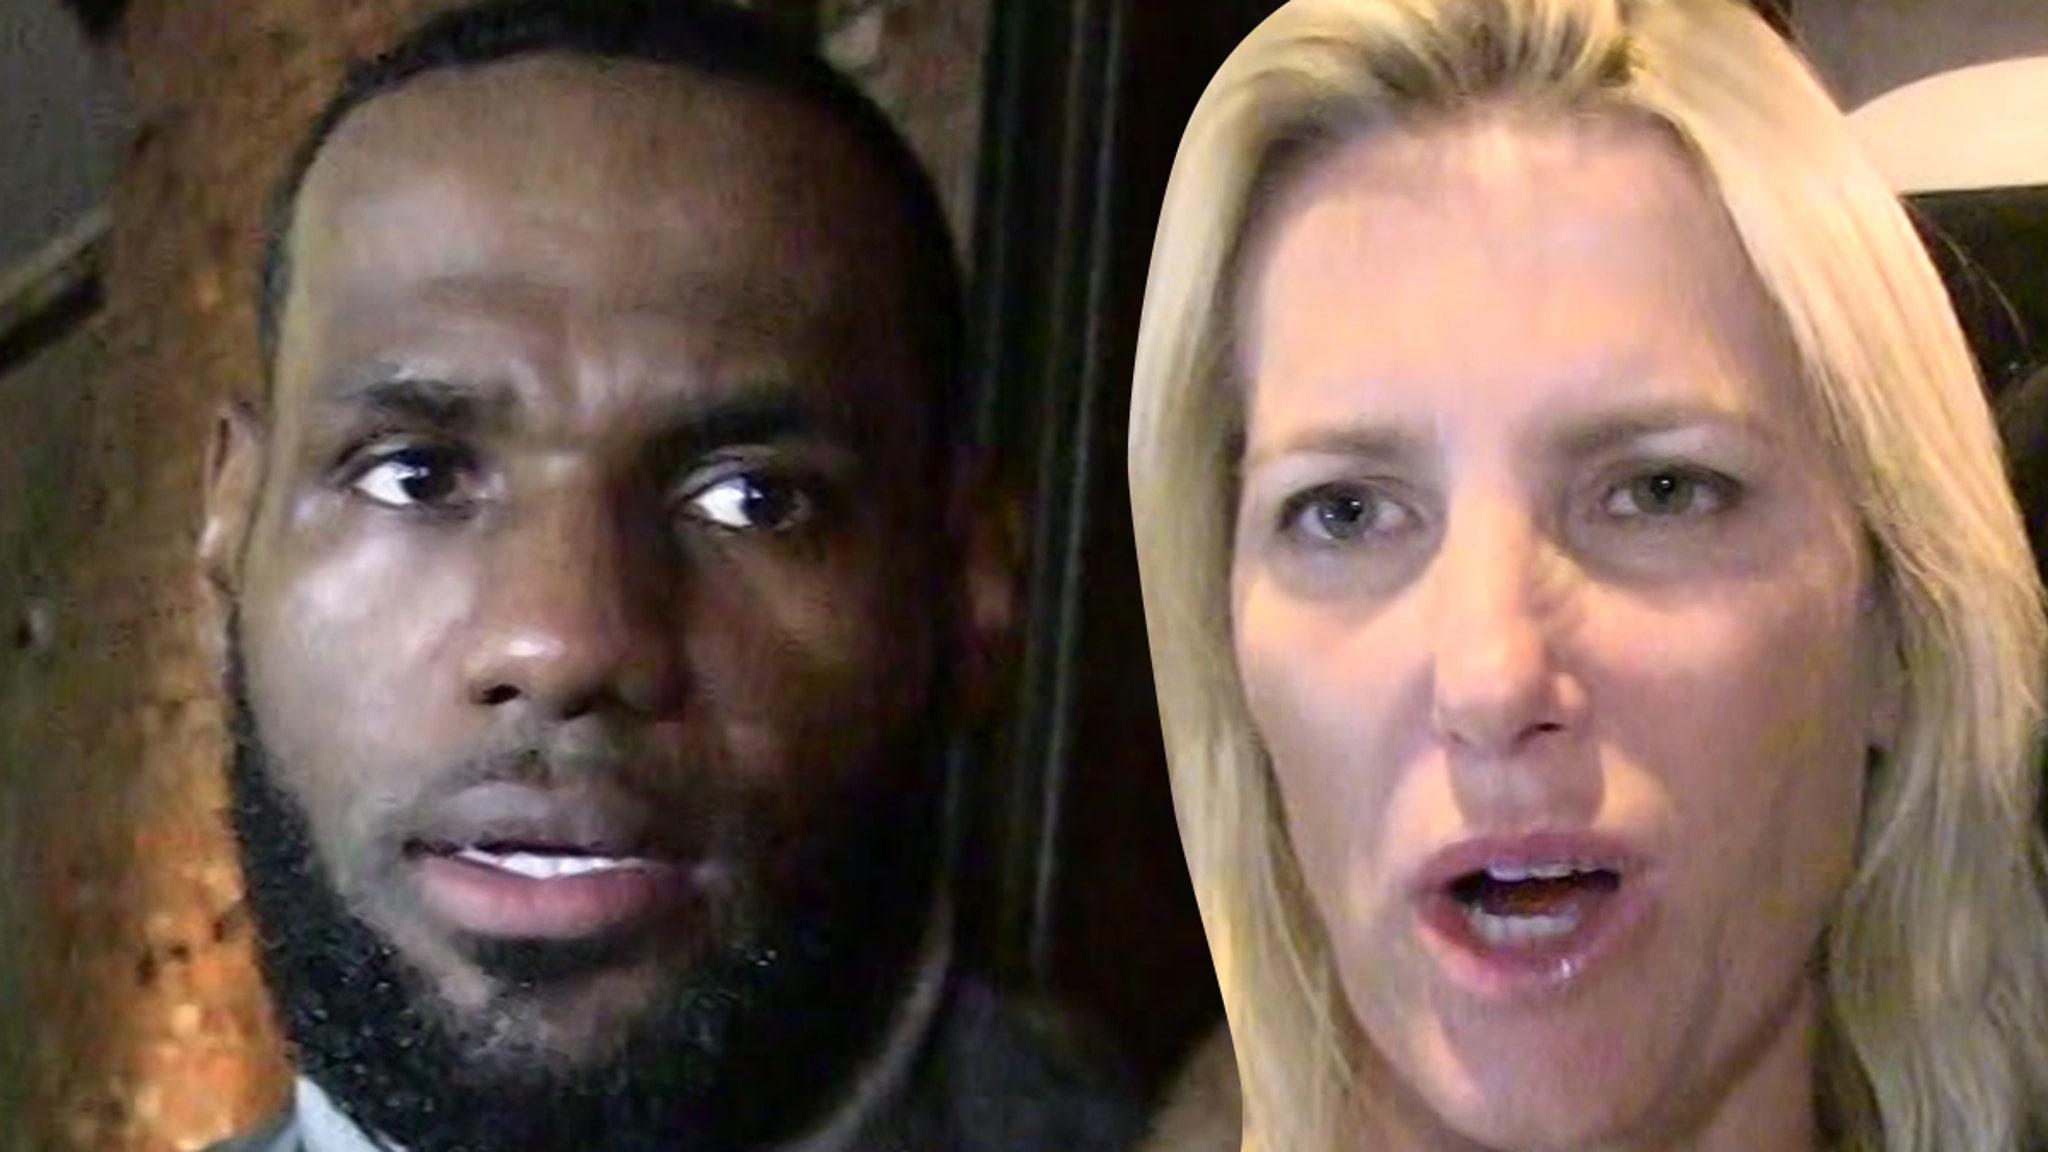 LeBron James Calls Out Laura Ingraham Ingraham Responds on TV